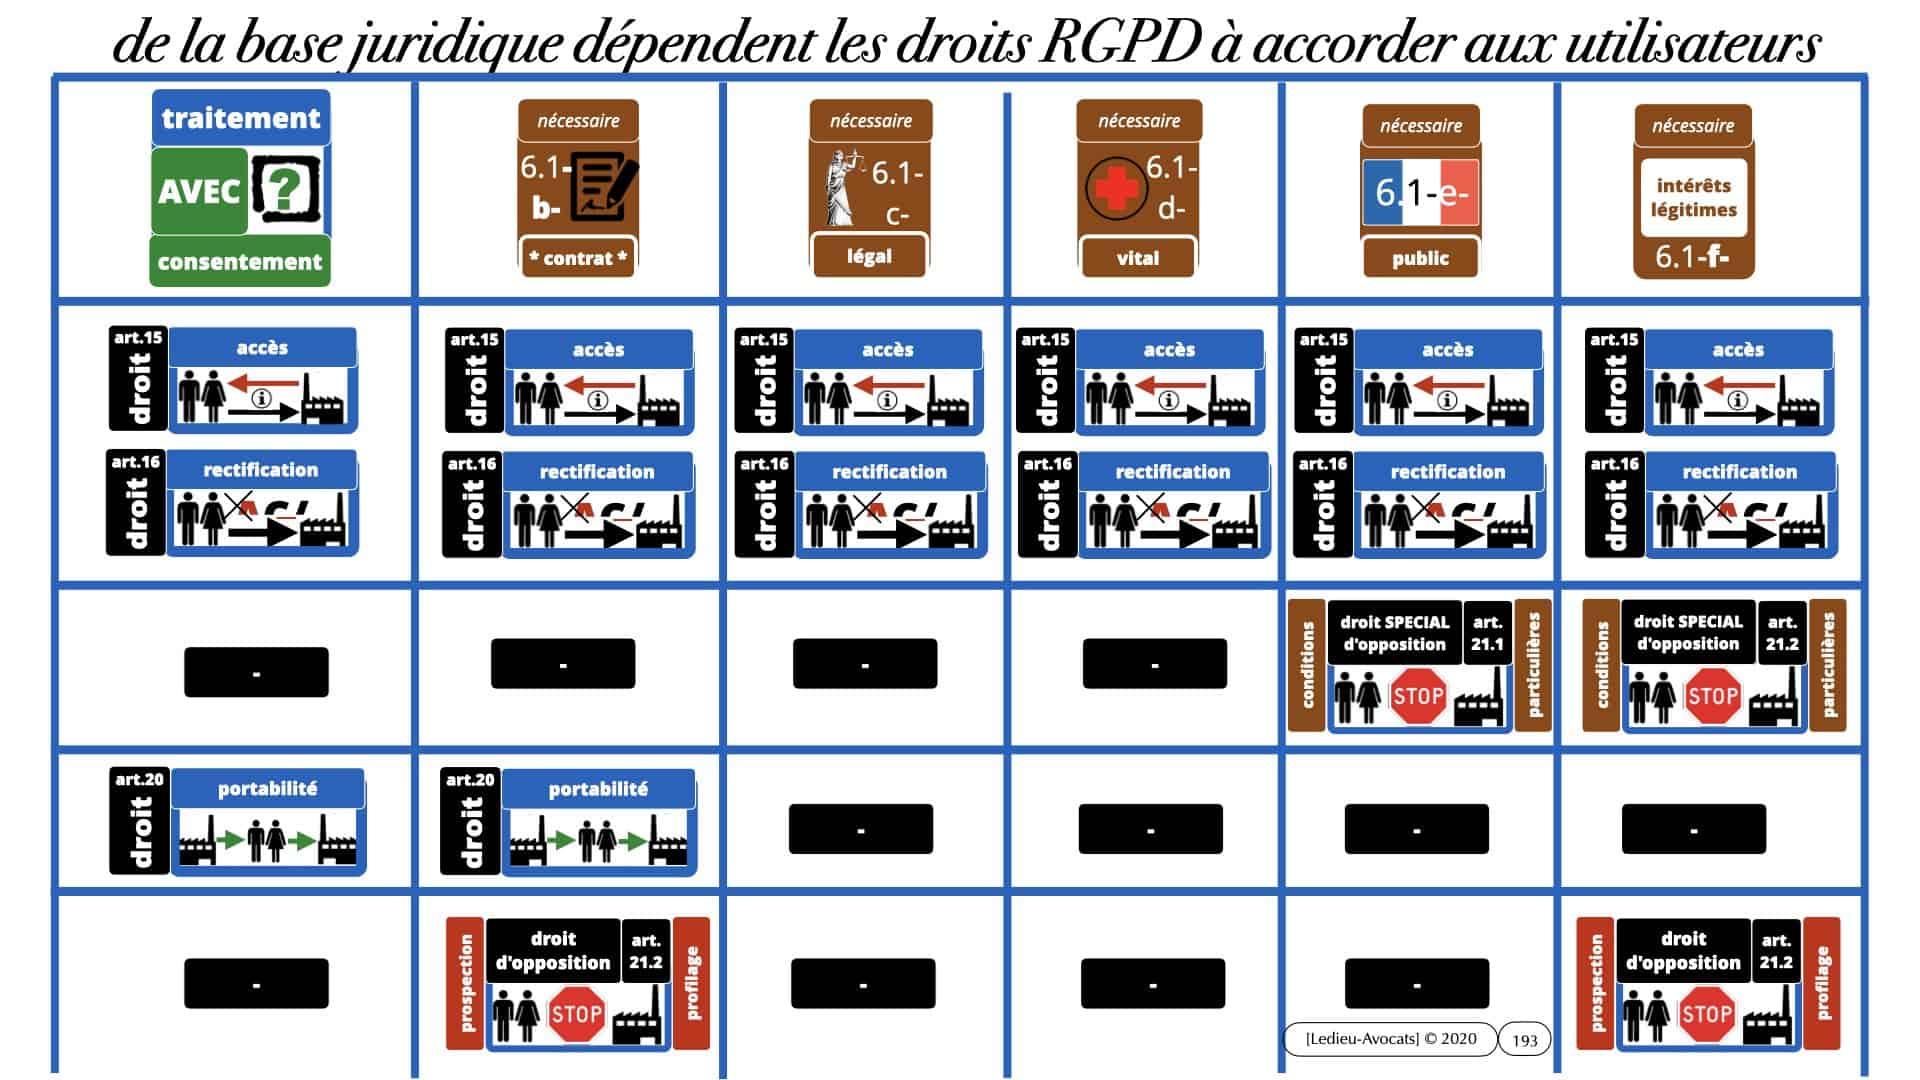 RGPD e-Privacy données personnelles jurisprudence formation Lamy Les Echos 10-02-2021 ©Ledieu-Avocats.193